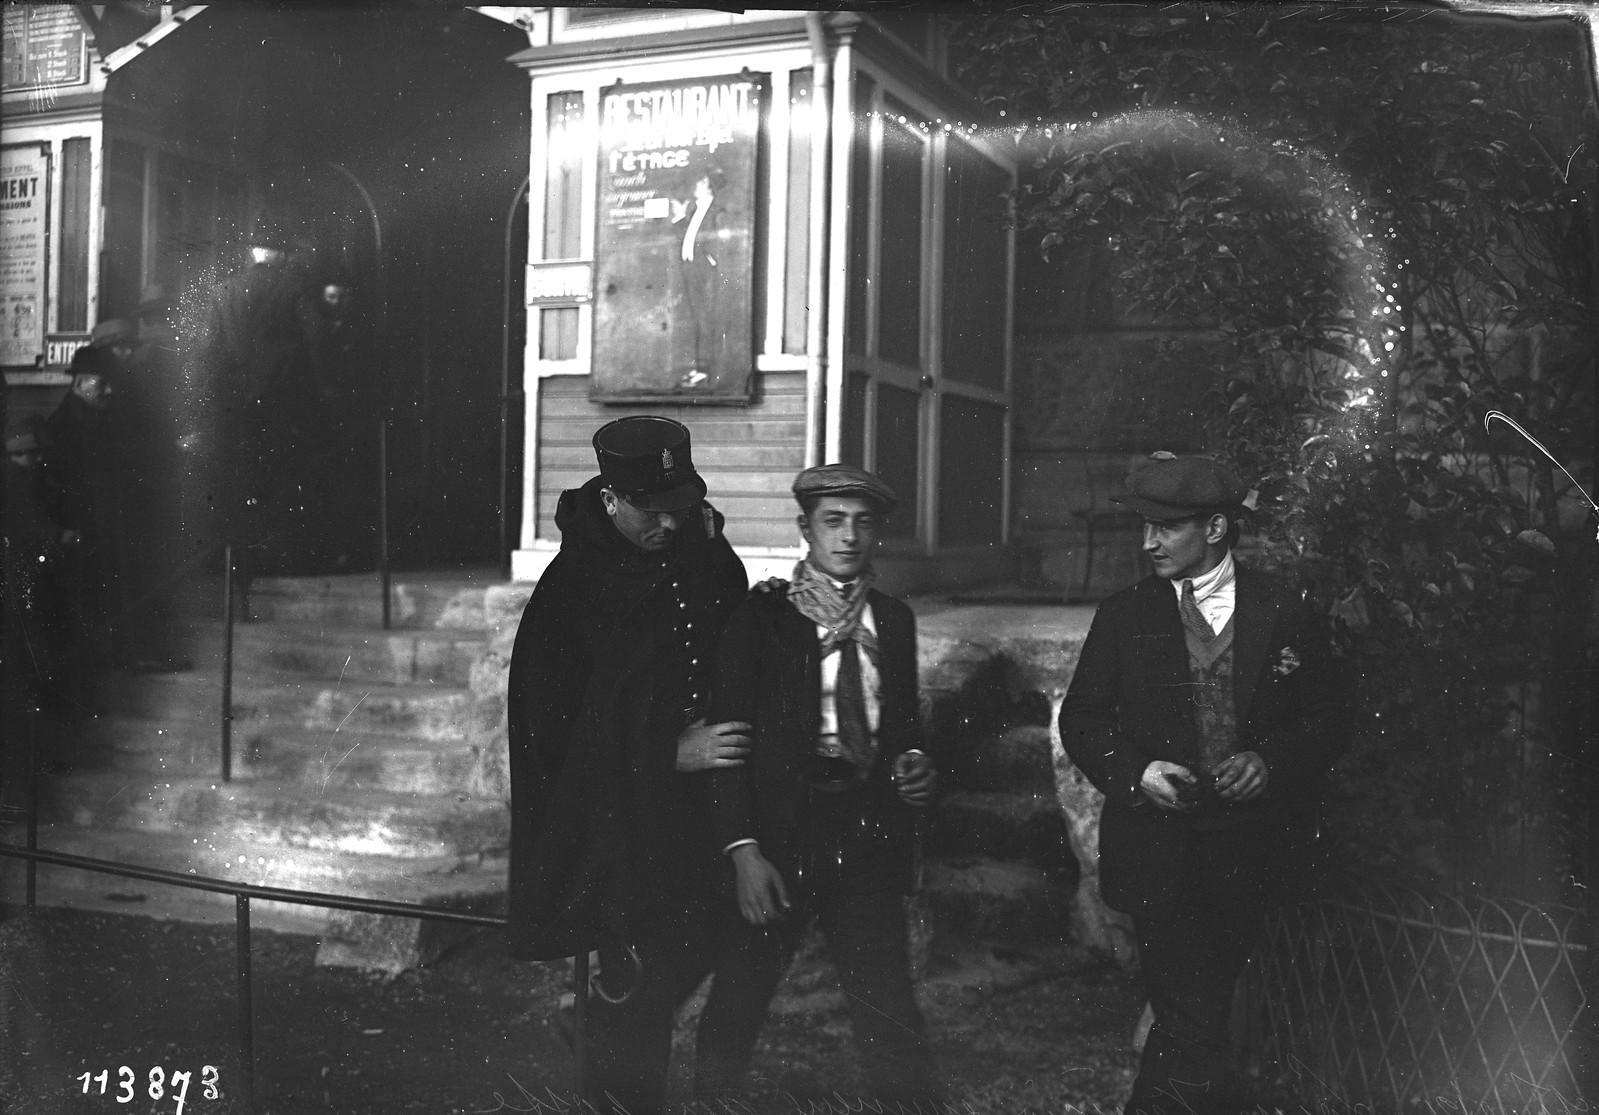 15. 1926. Луи Венисио доставлен в участок после восхождения на Эйфелеву башню